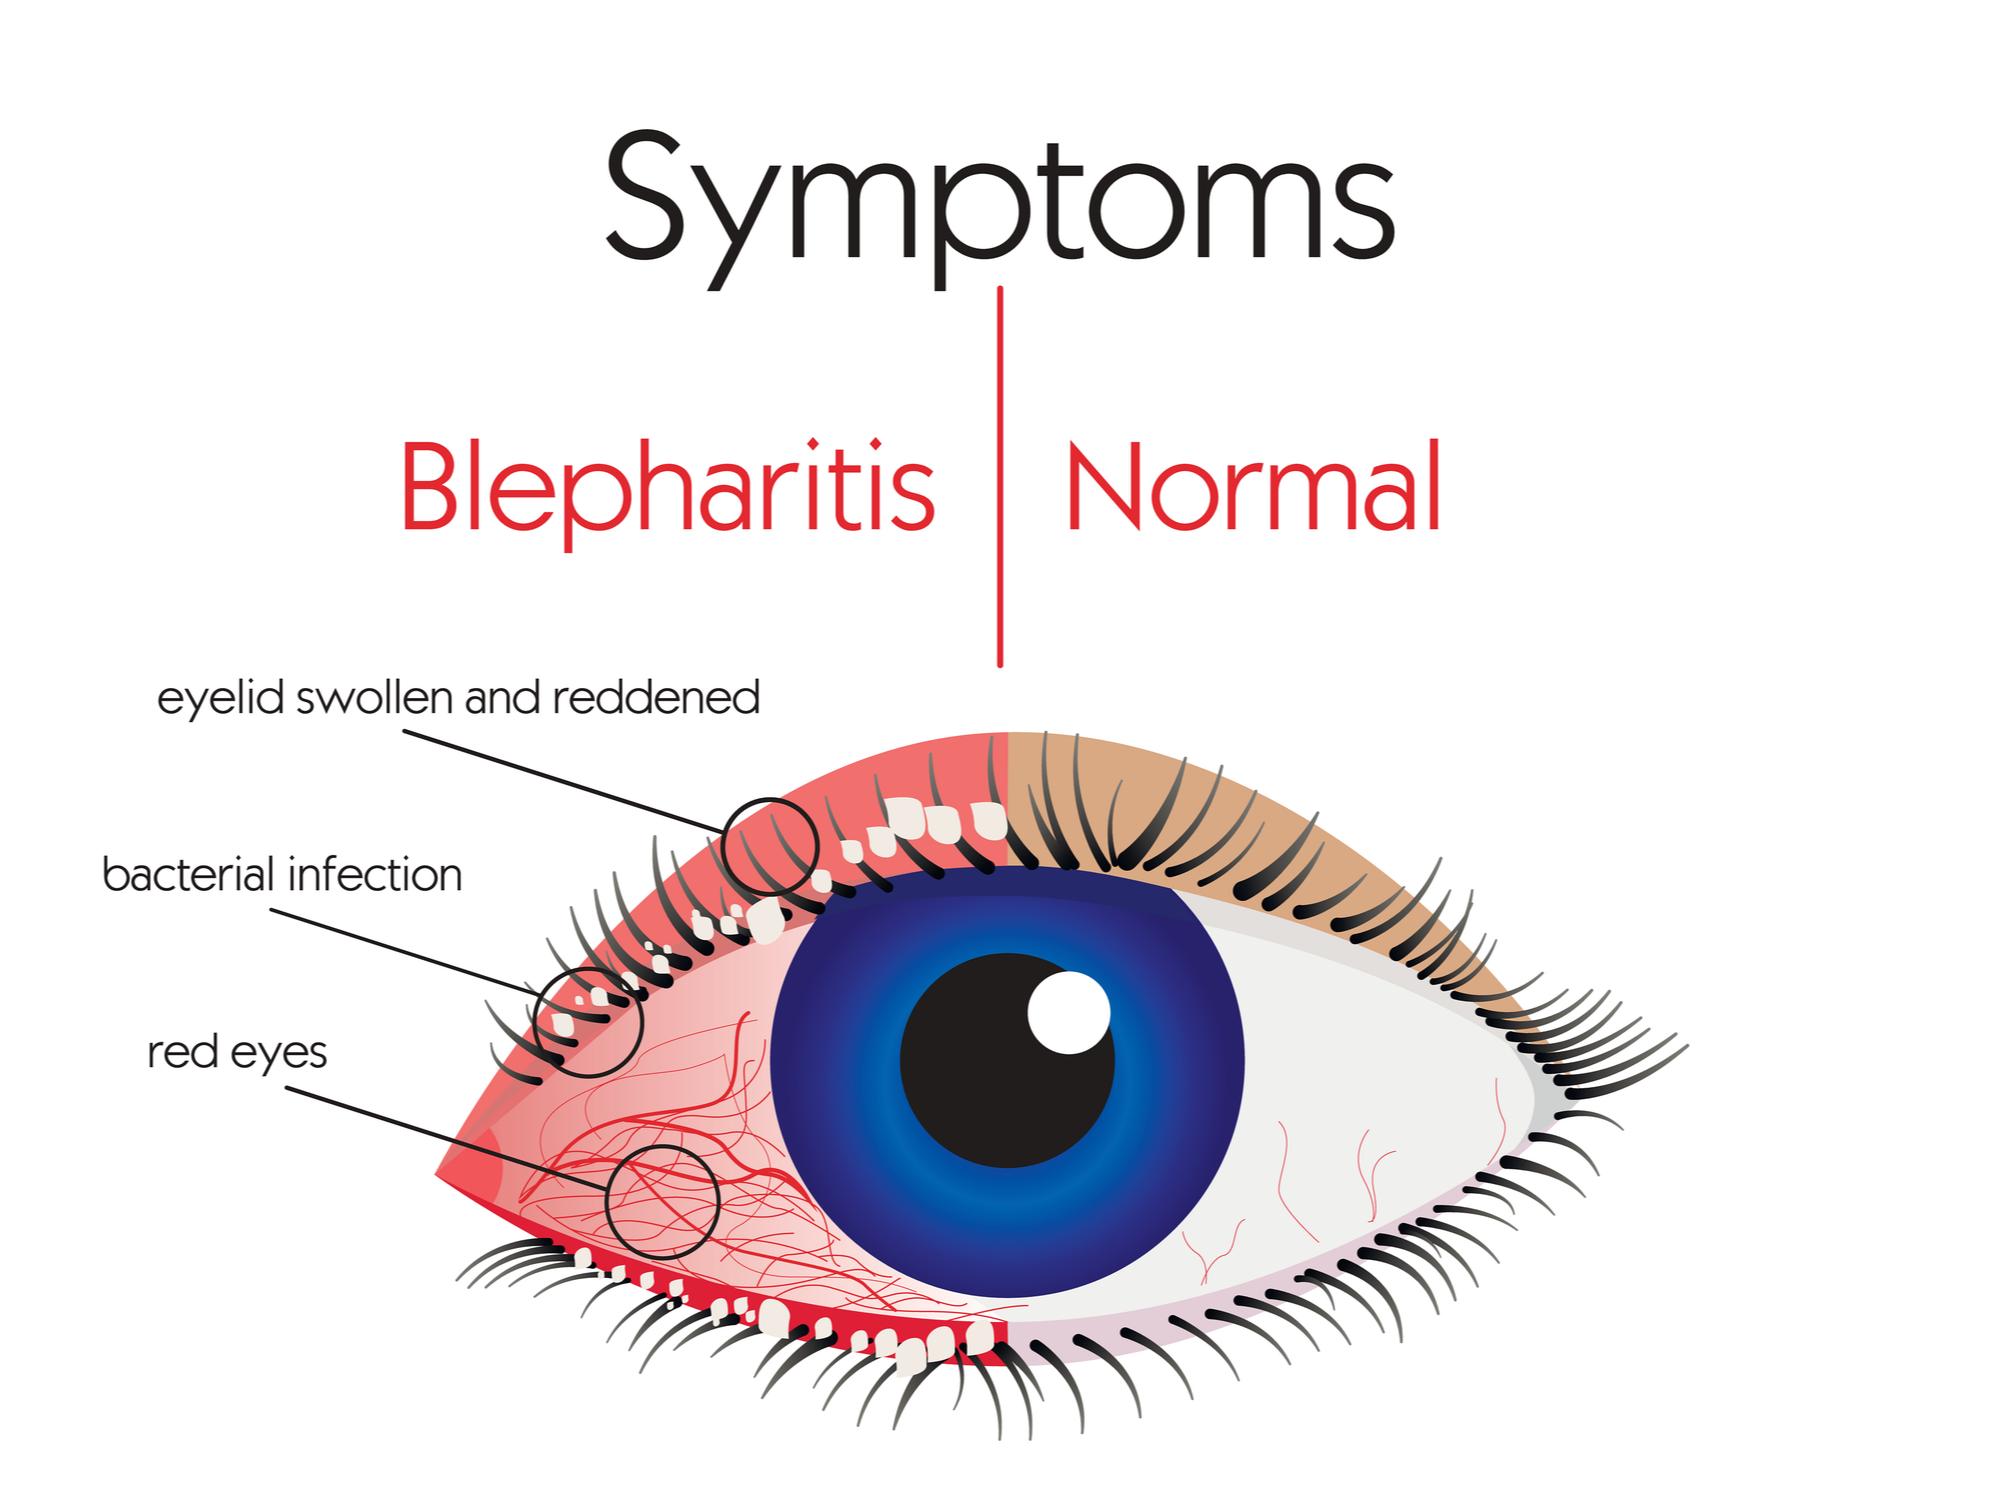 Treating Blepharitis